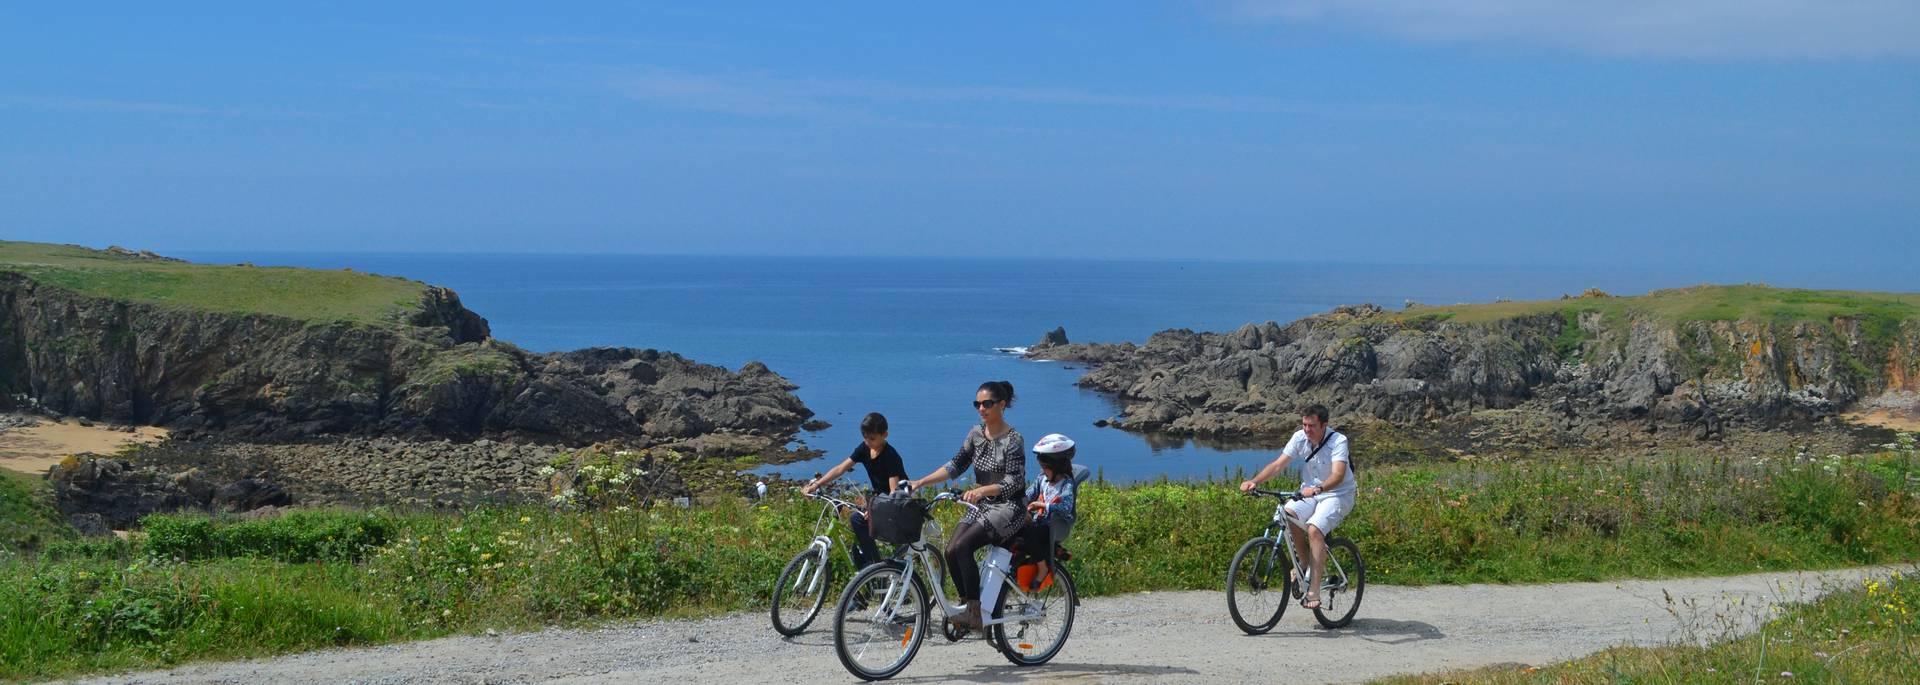 Radwanderung an der Felsenküste, Ile d'Yeu